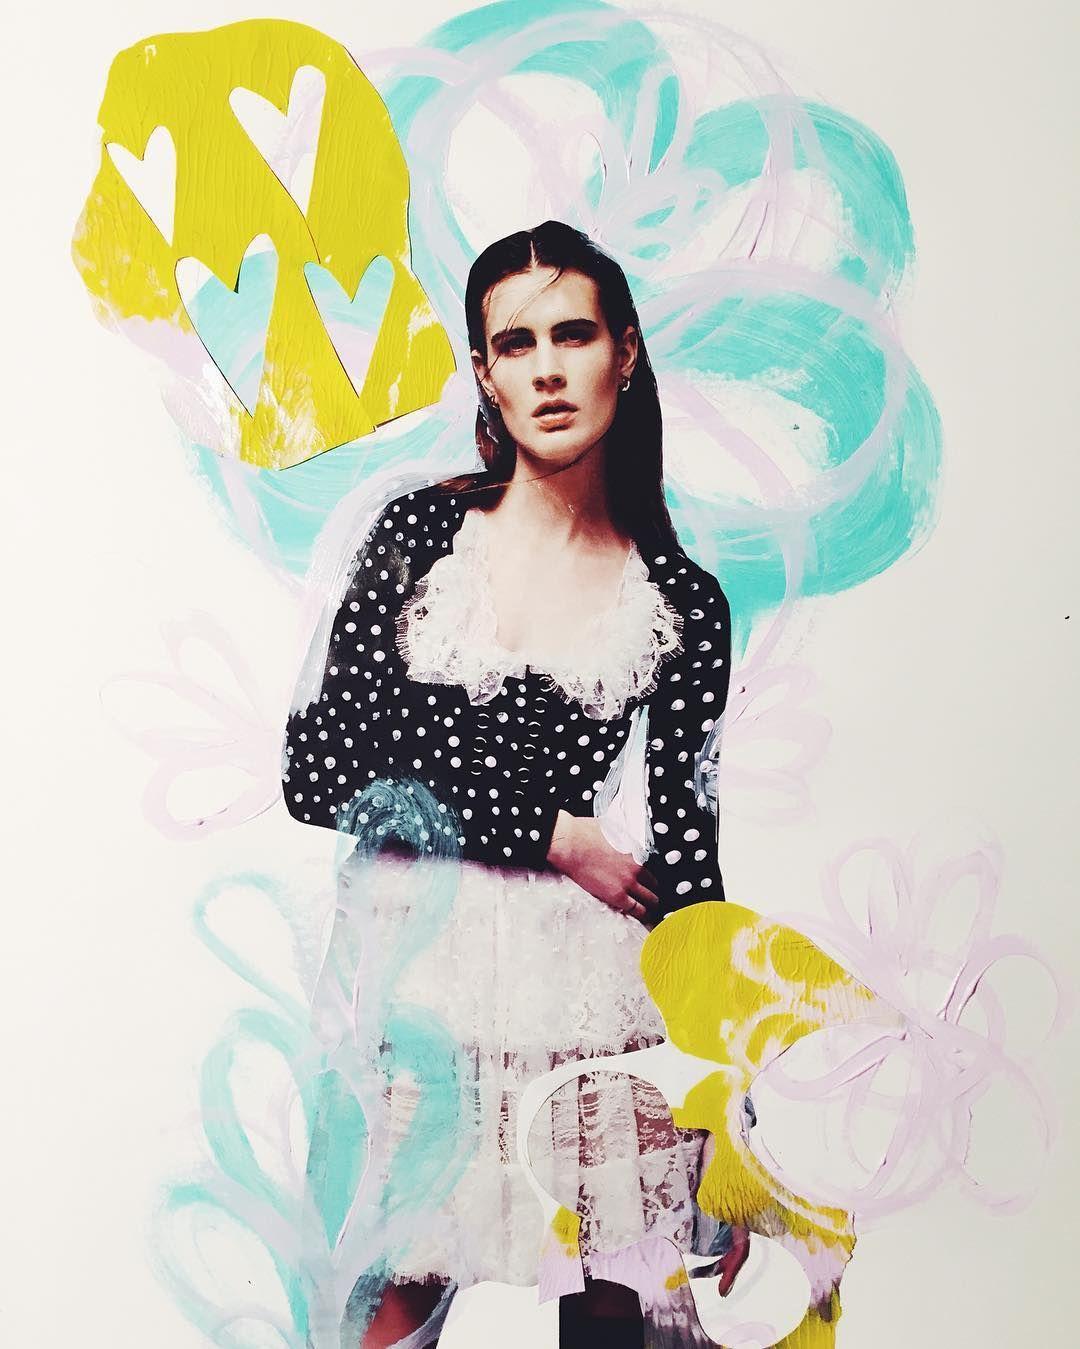 Fashion Illustration & collage by Agatha O'Neill